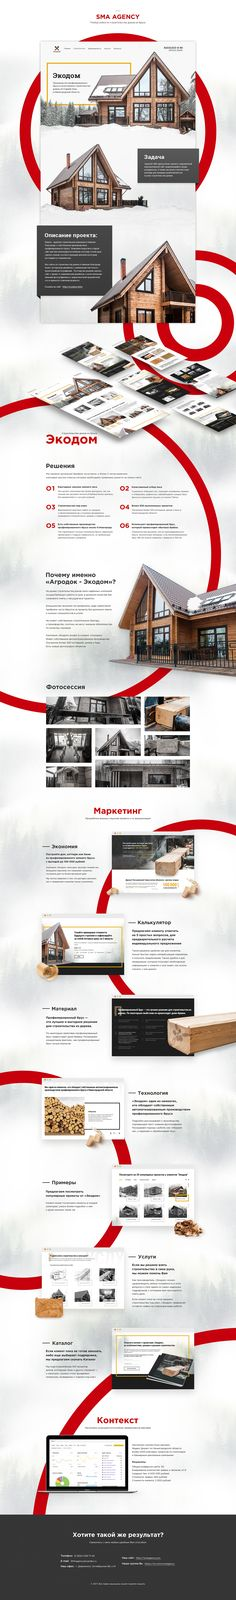 Ознакомьтесь с этим проектом @Behance: «Строительство домов и бань из бруса» https://www.behance.net/gallery/55810273/stroitelstvo-domov-i-ban-iz-brusa